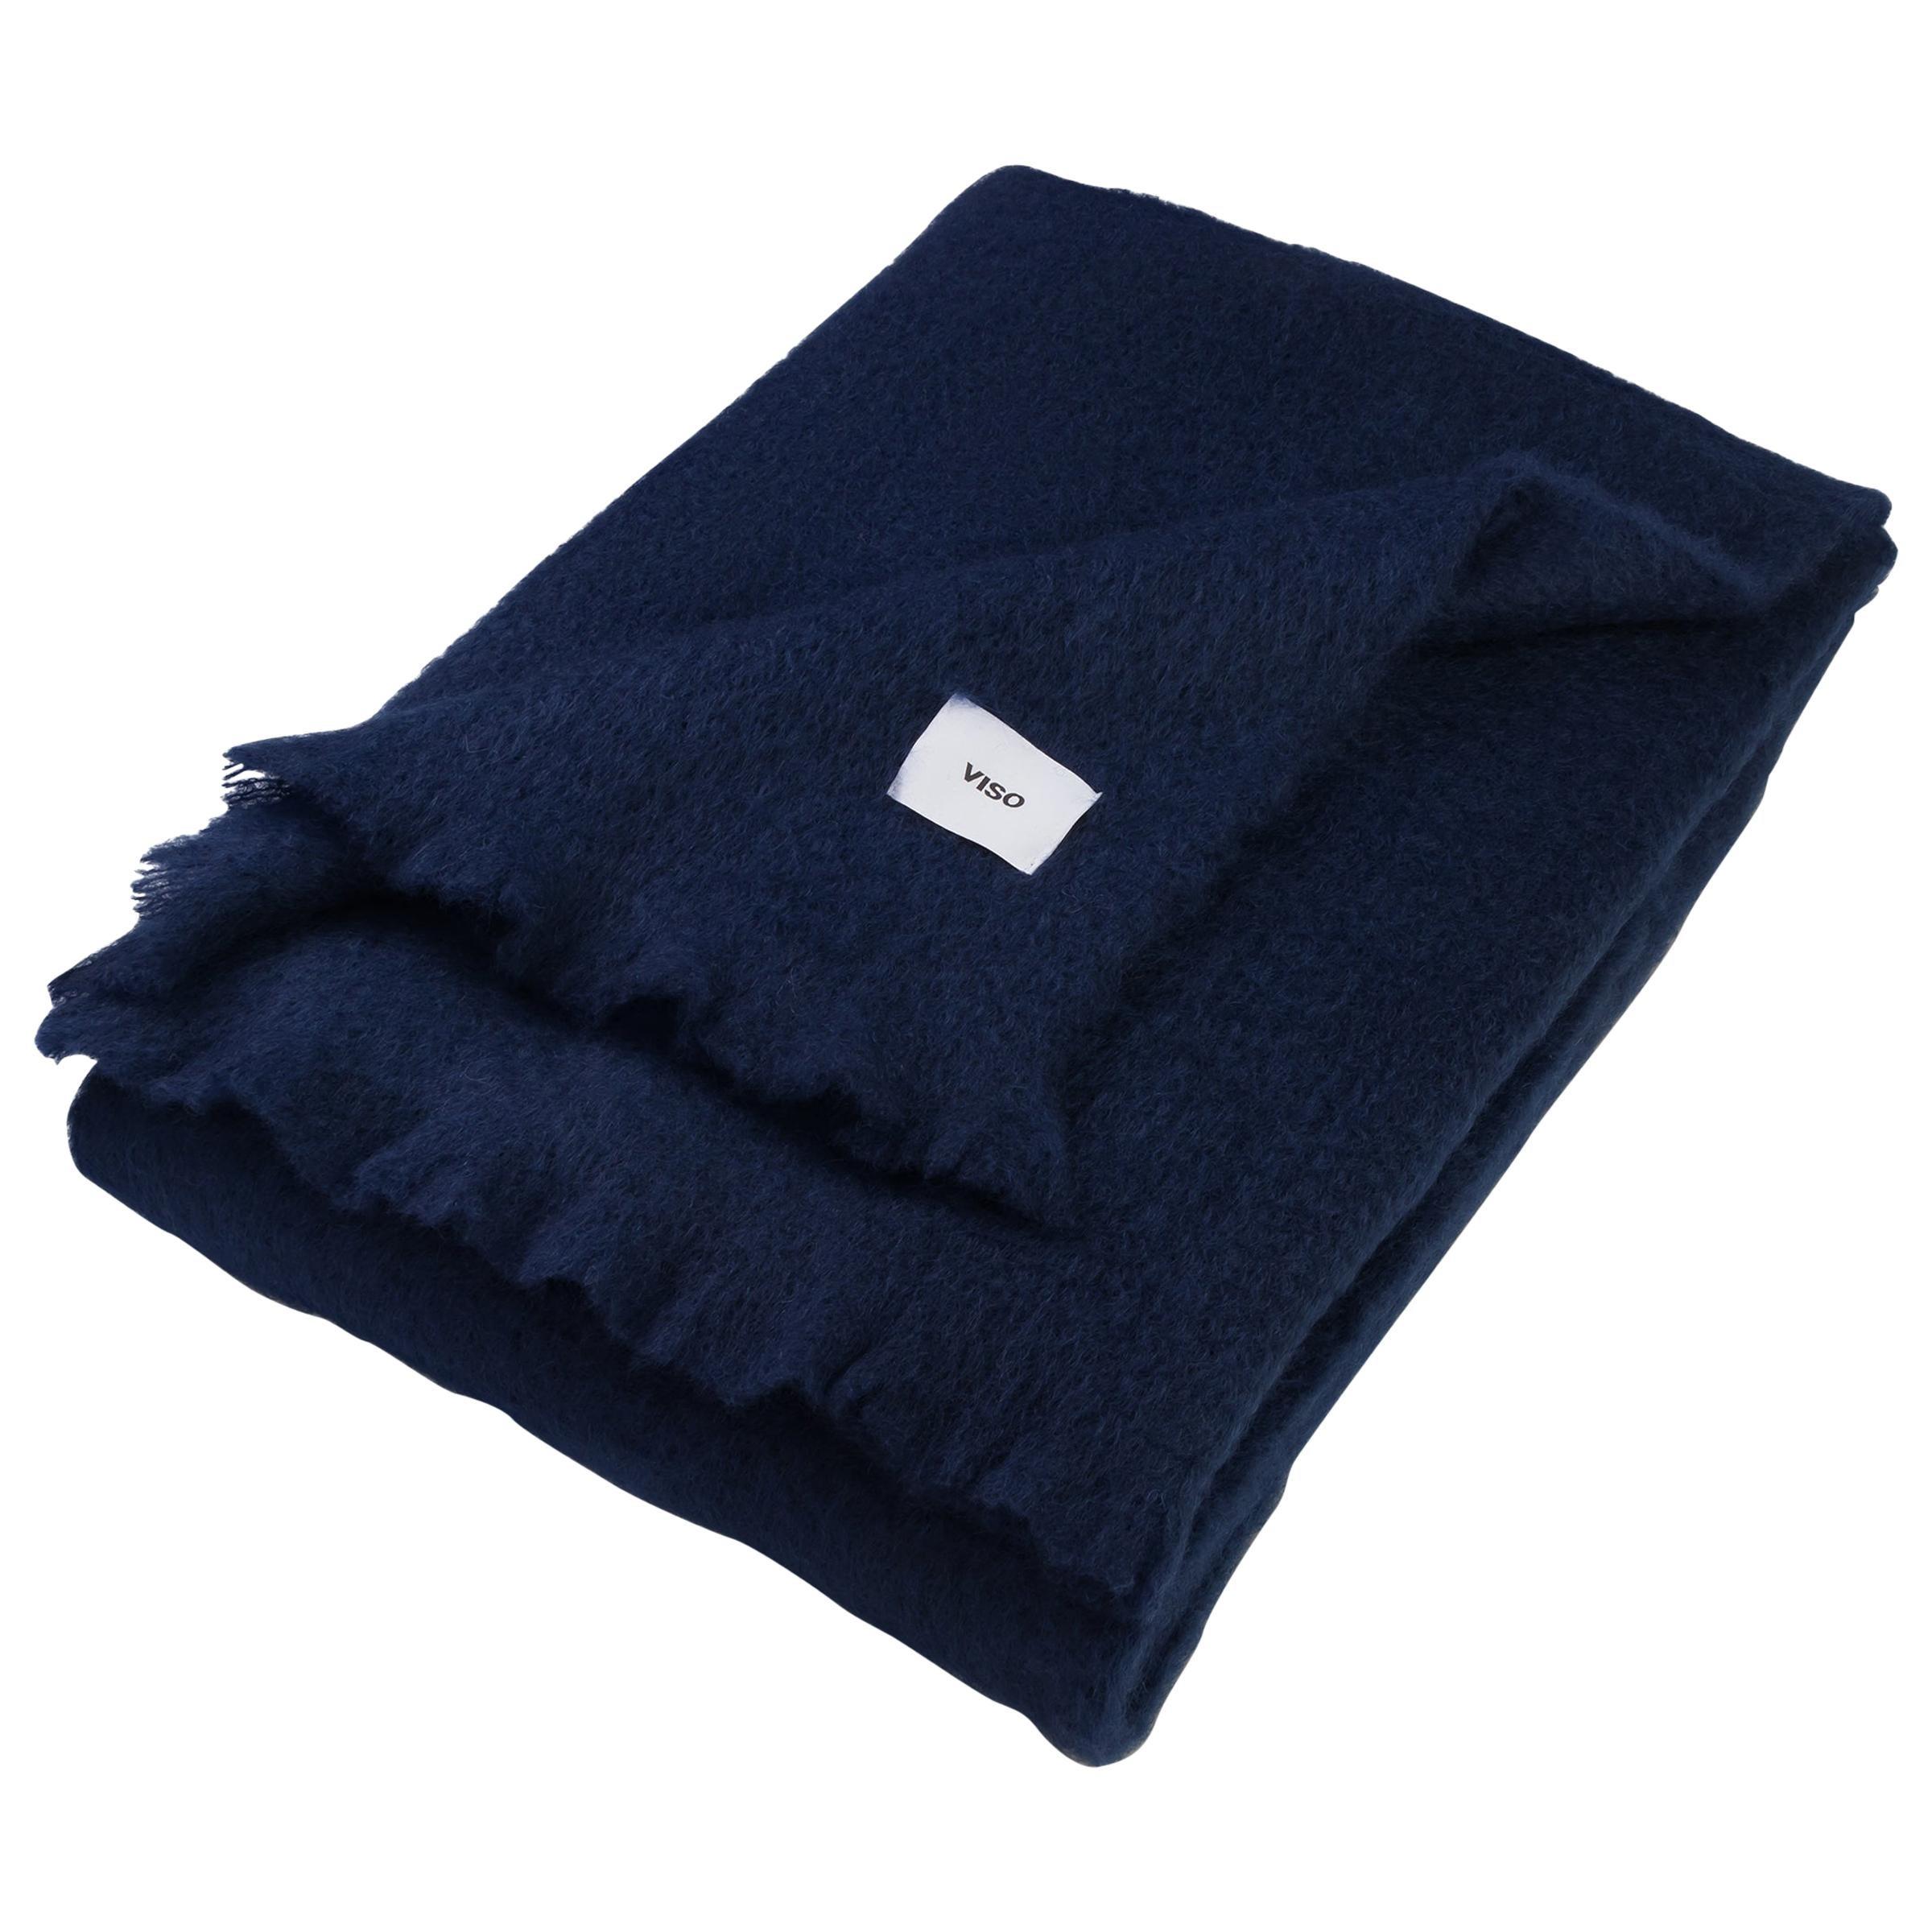 Viso Mohair Blanket V02 Navy